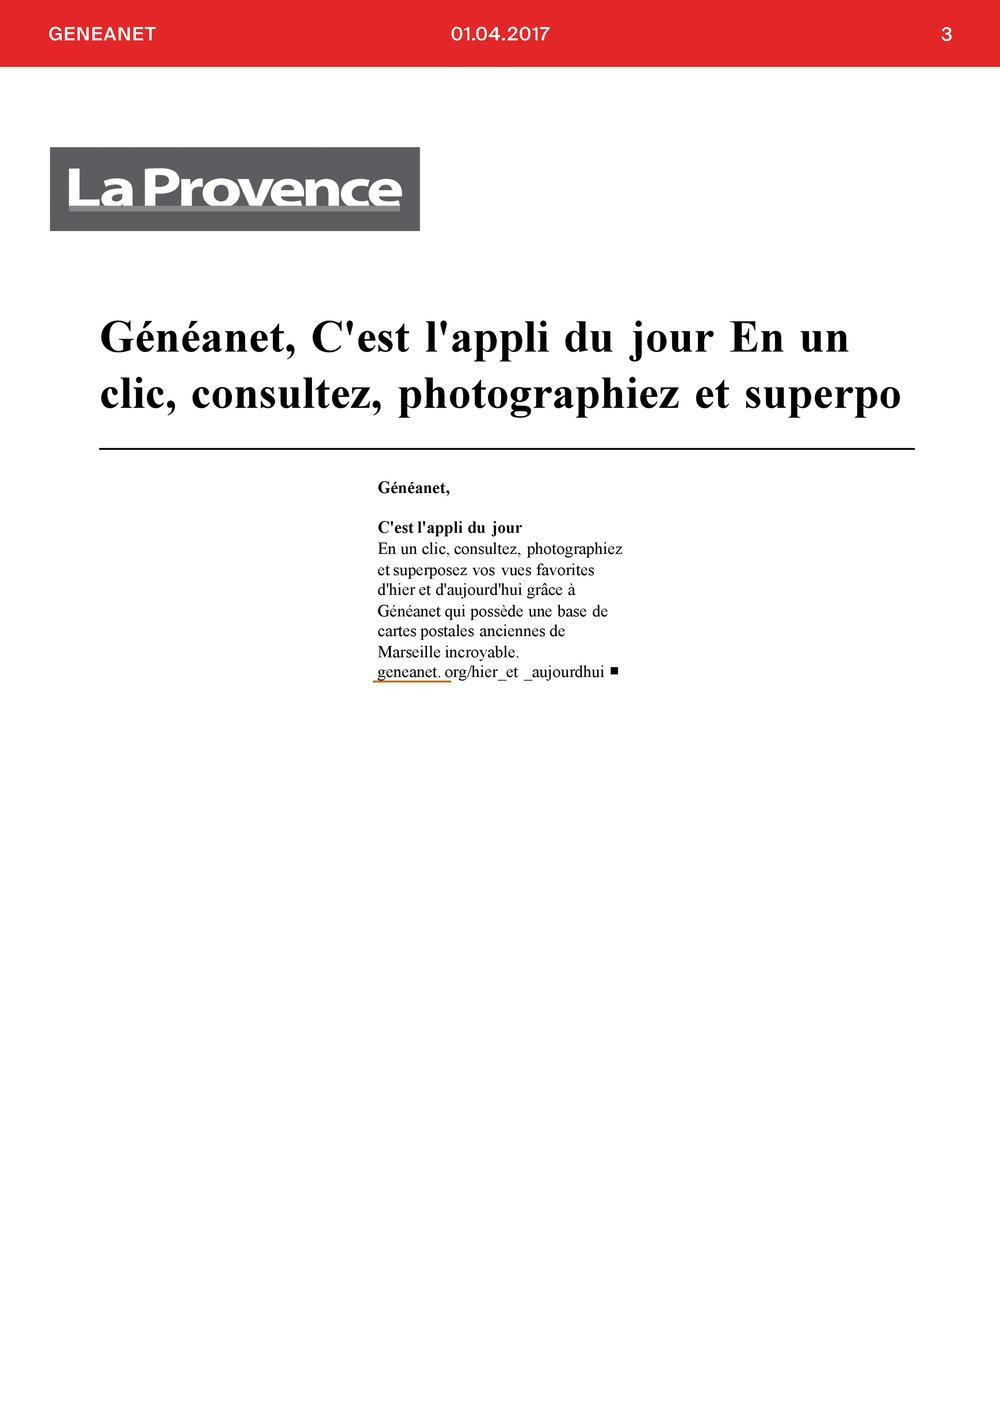 BOOKMEDIA_AVRIL_003.jpg